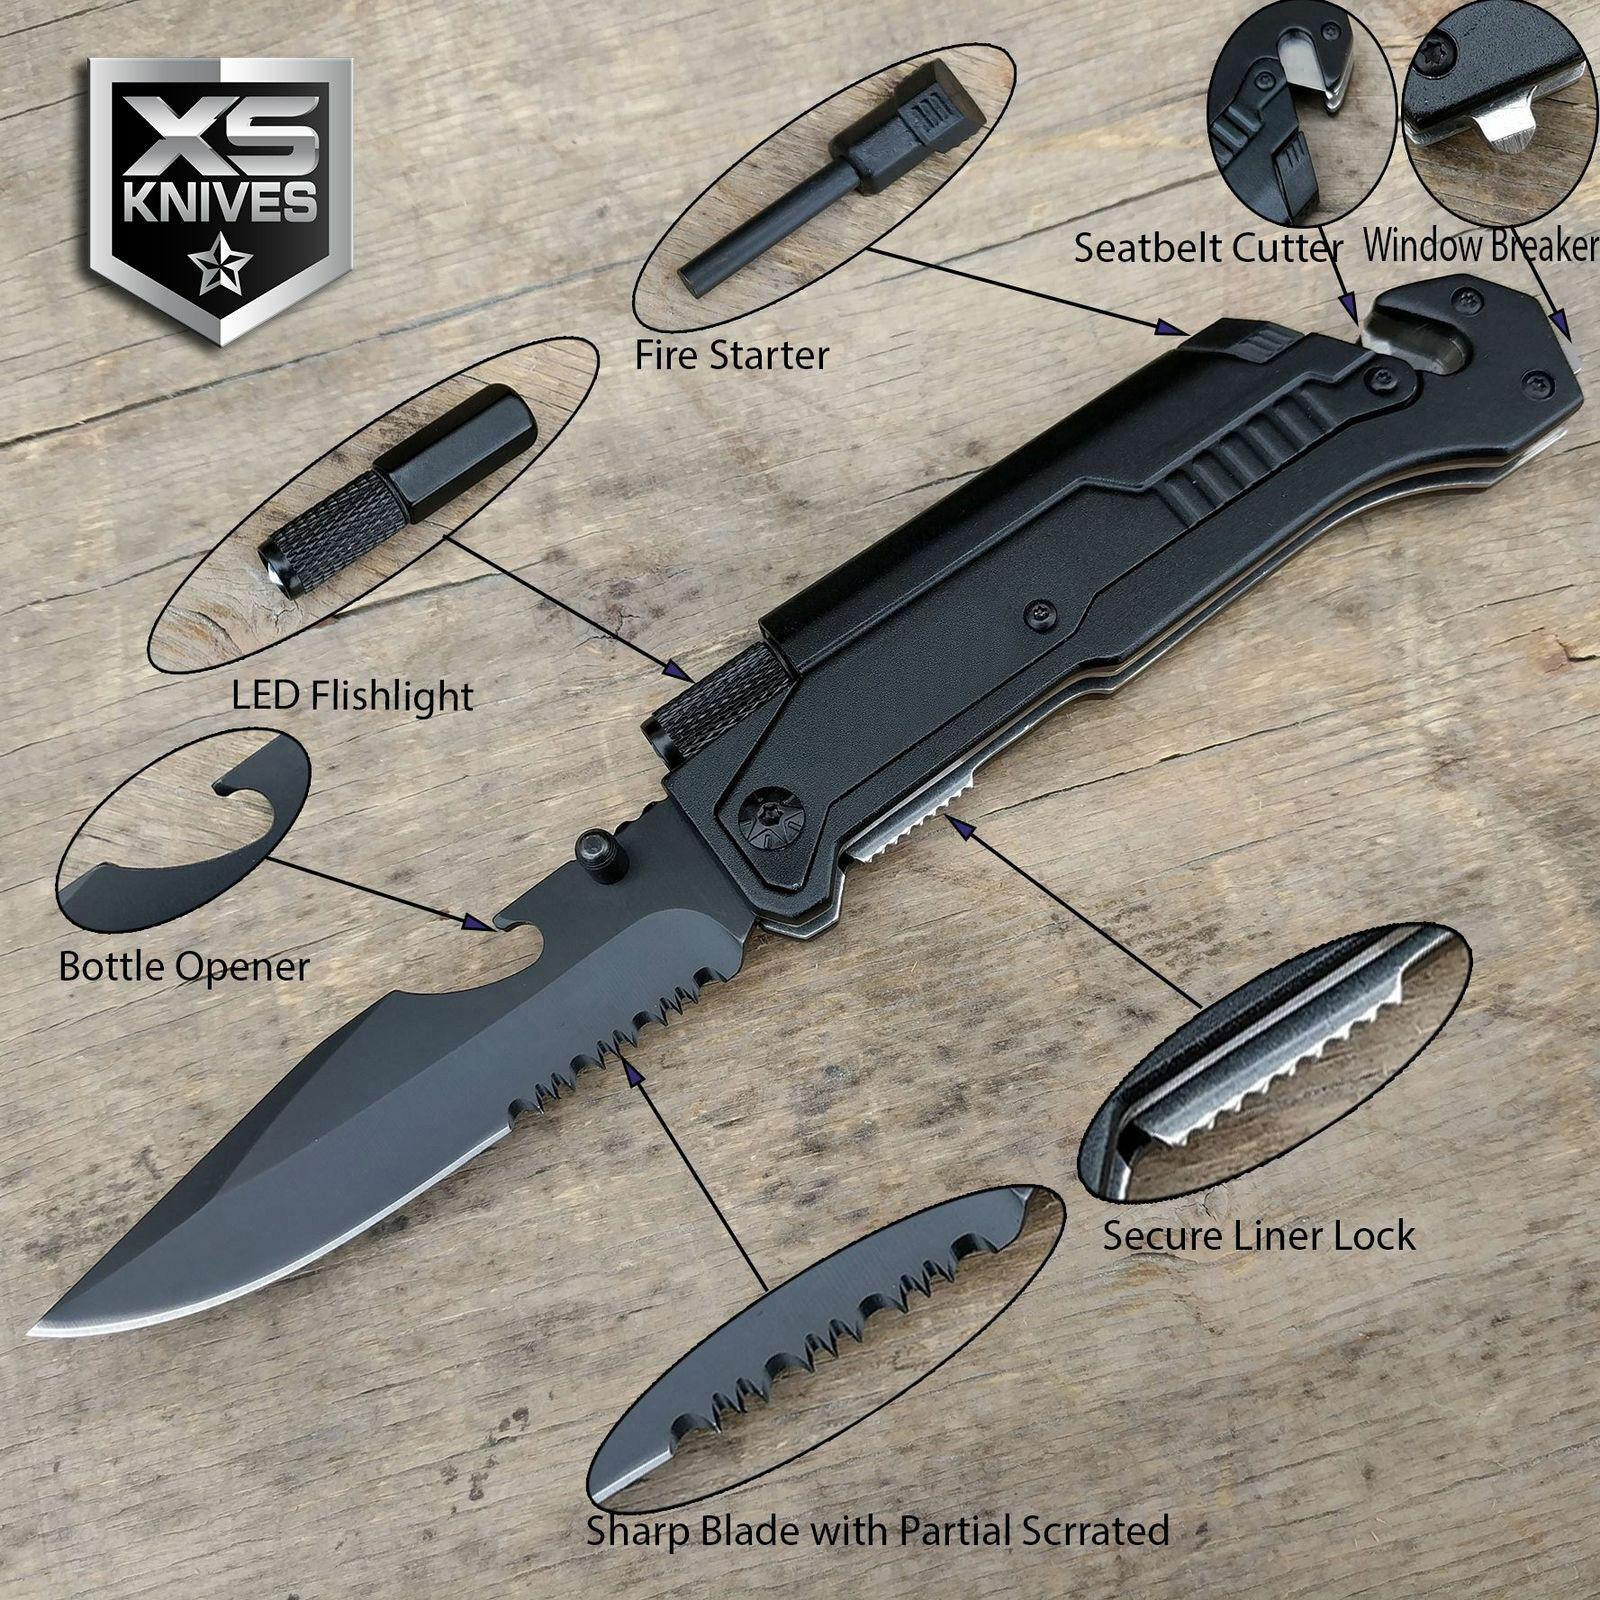 Tool Multifunktions-Haarnadel Stainless Steel EDC Survival A Self-Defense